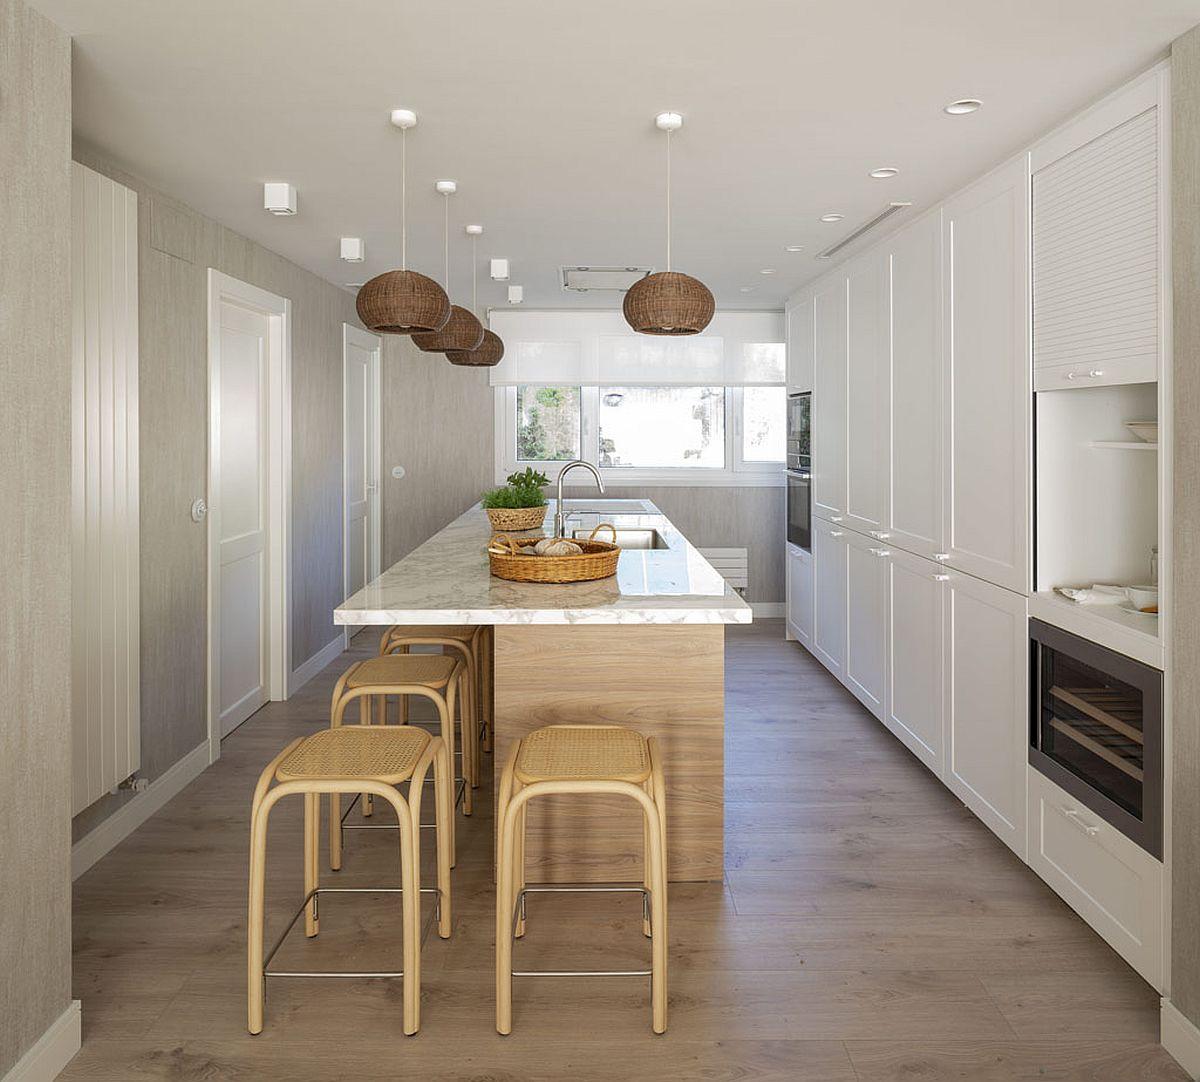 E foarte posibil ca spațiul bucătăriei să fie unul de trecere, din care se deschid uși interioare către alte încăperi.